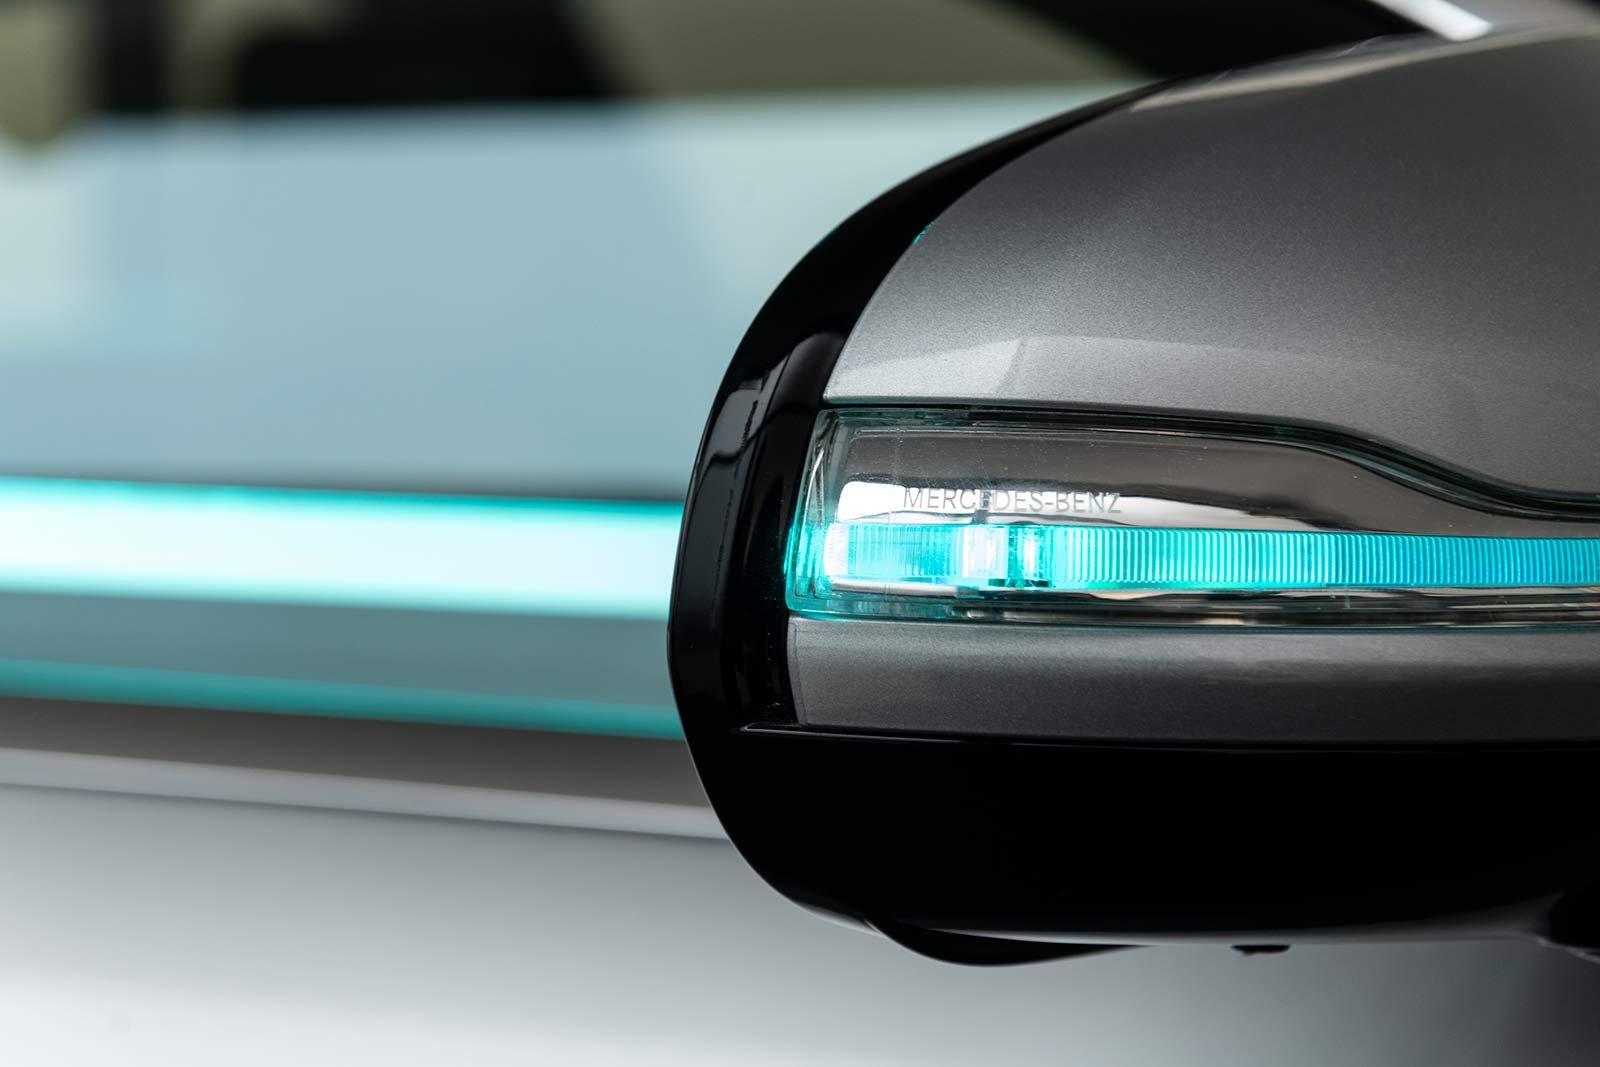 Den turkosa färgen återfinns runt om hela bilen.